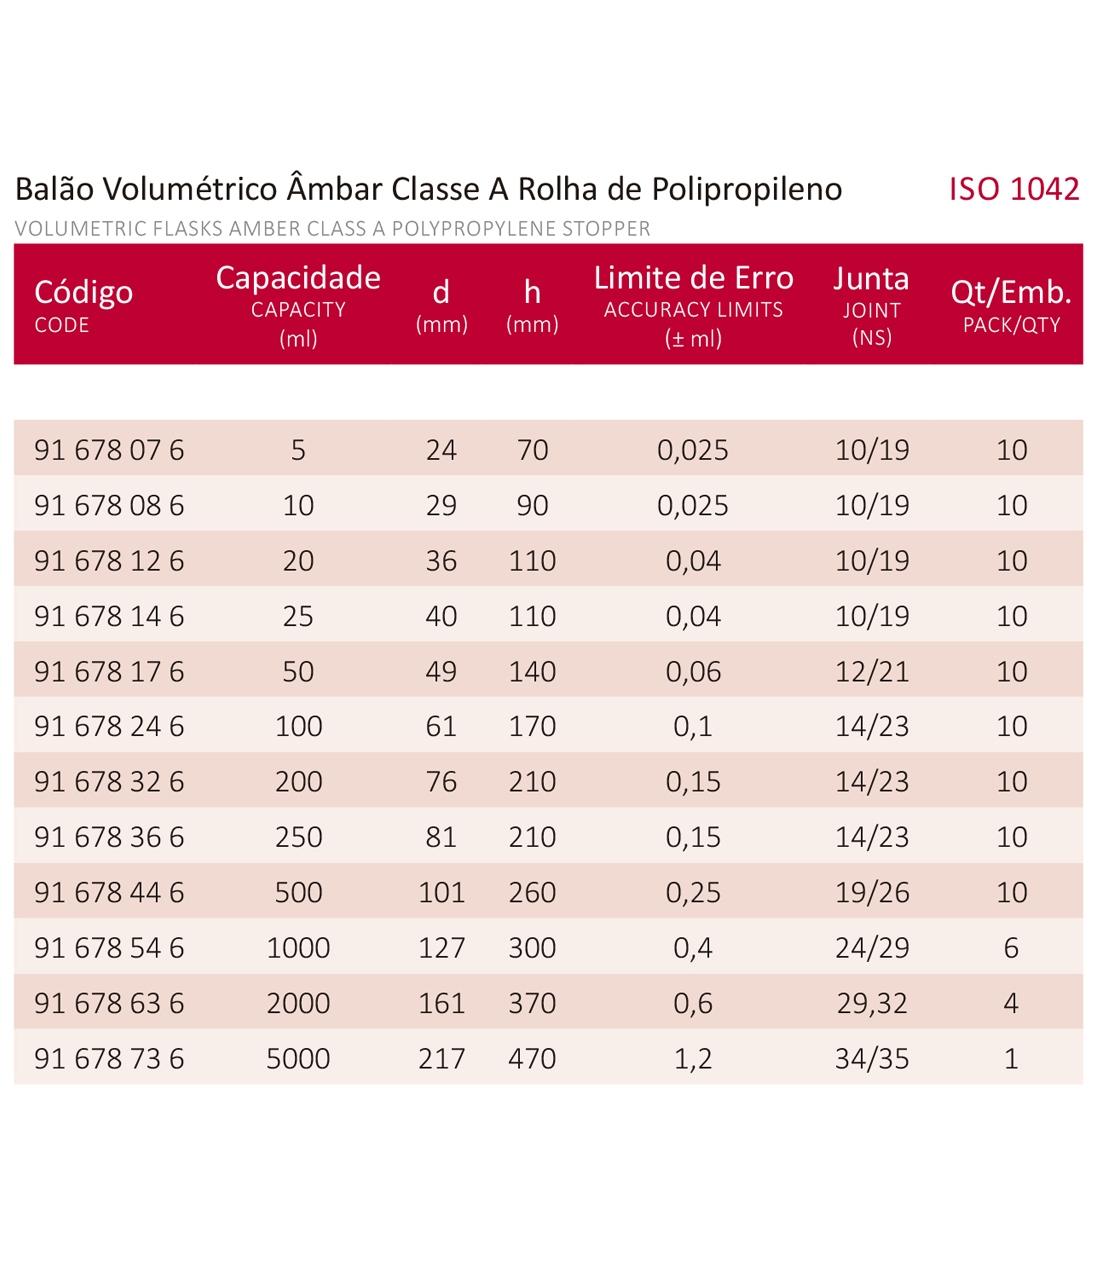 BALÃO VOLUMÉTRICO CLASSE A ROLHA POLI ÂMBAR C/ CERTIFICADO RASTREÁVEL 50 ML - Marca Laborglas - Cód. 91678176-C